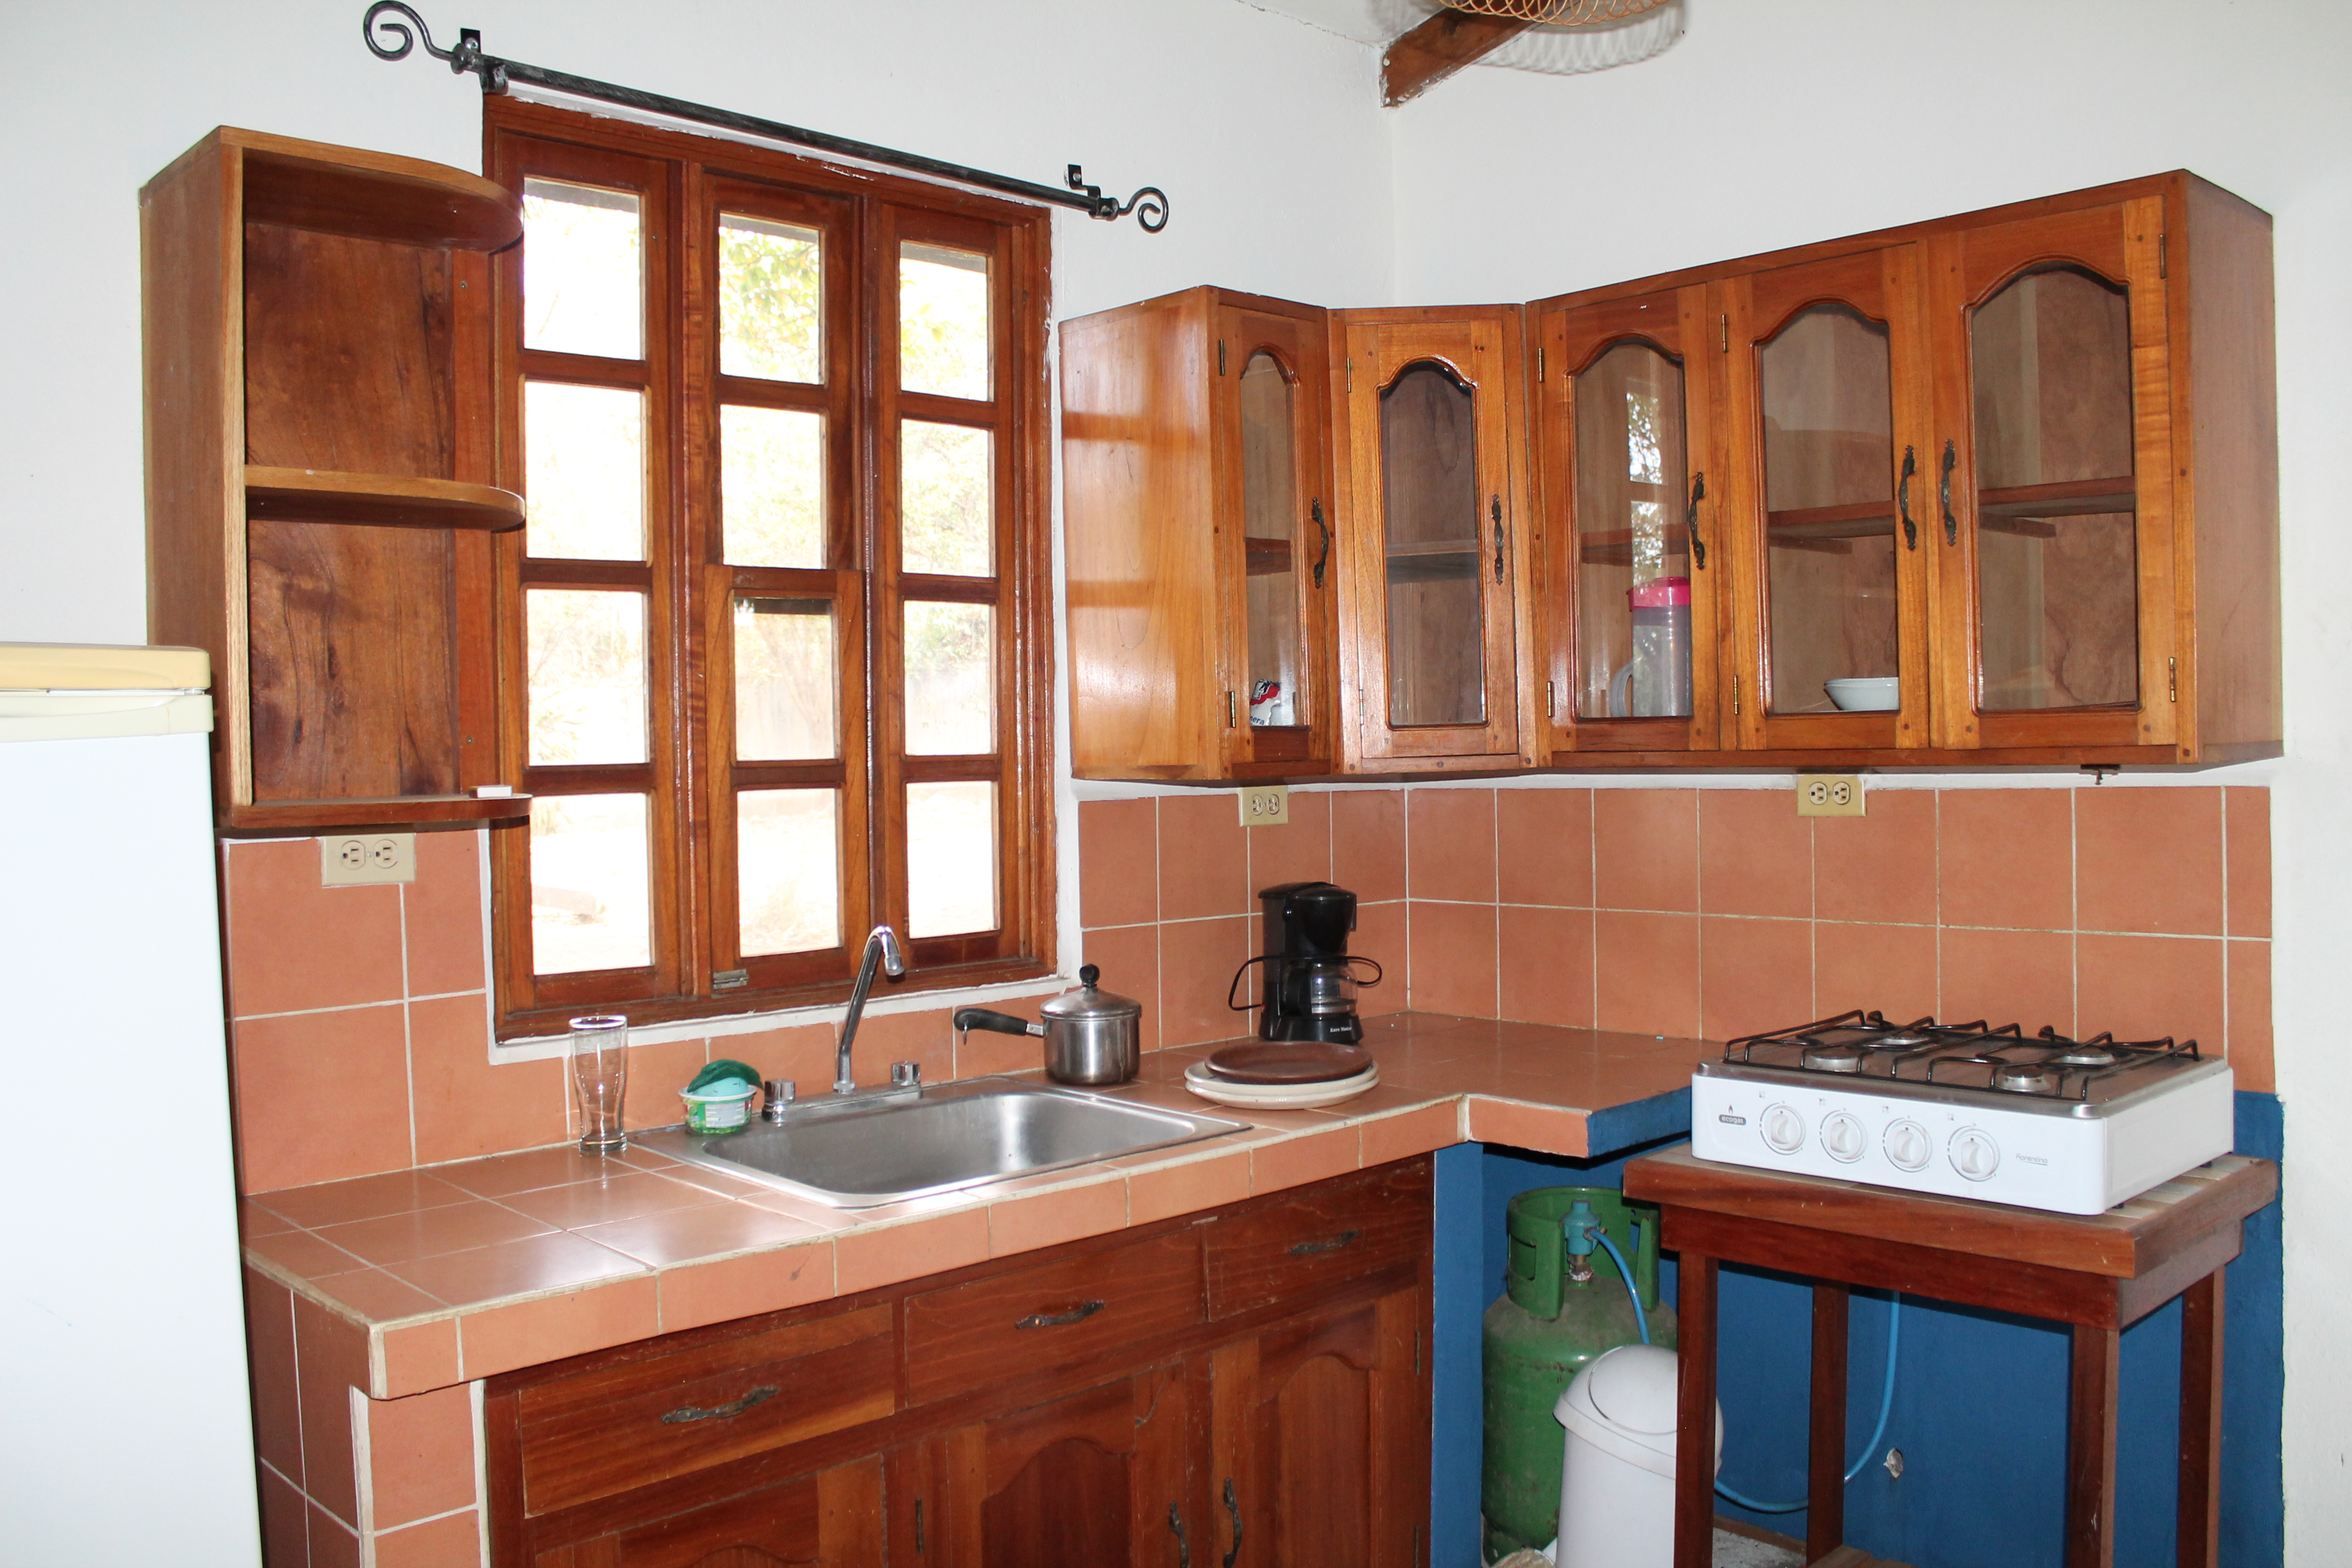 Lindo apartamento con muebles en alquiler casanica for Muebles apartamento